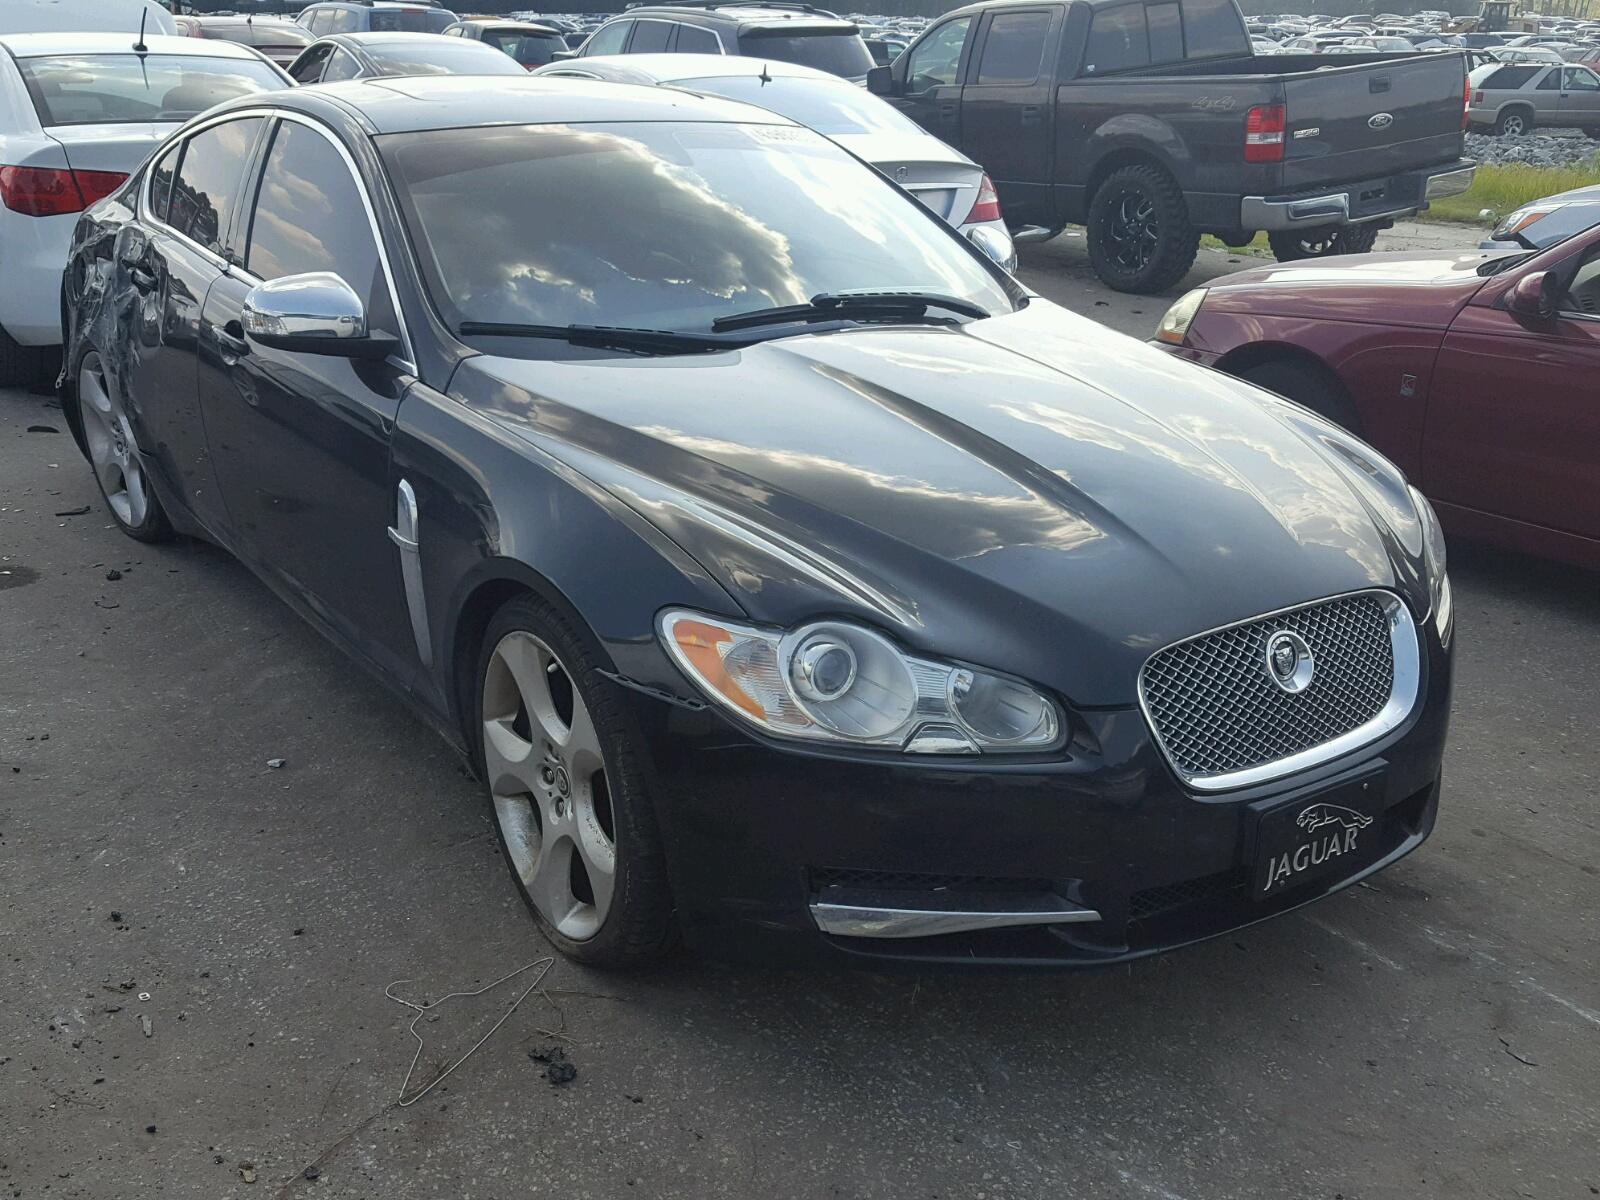 Salvage 2009 Jaguar XF SUPERCH for sale